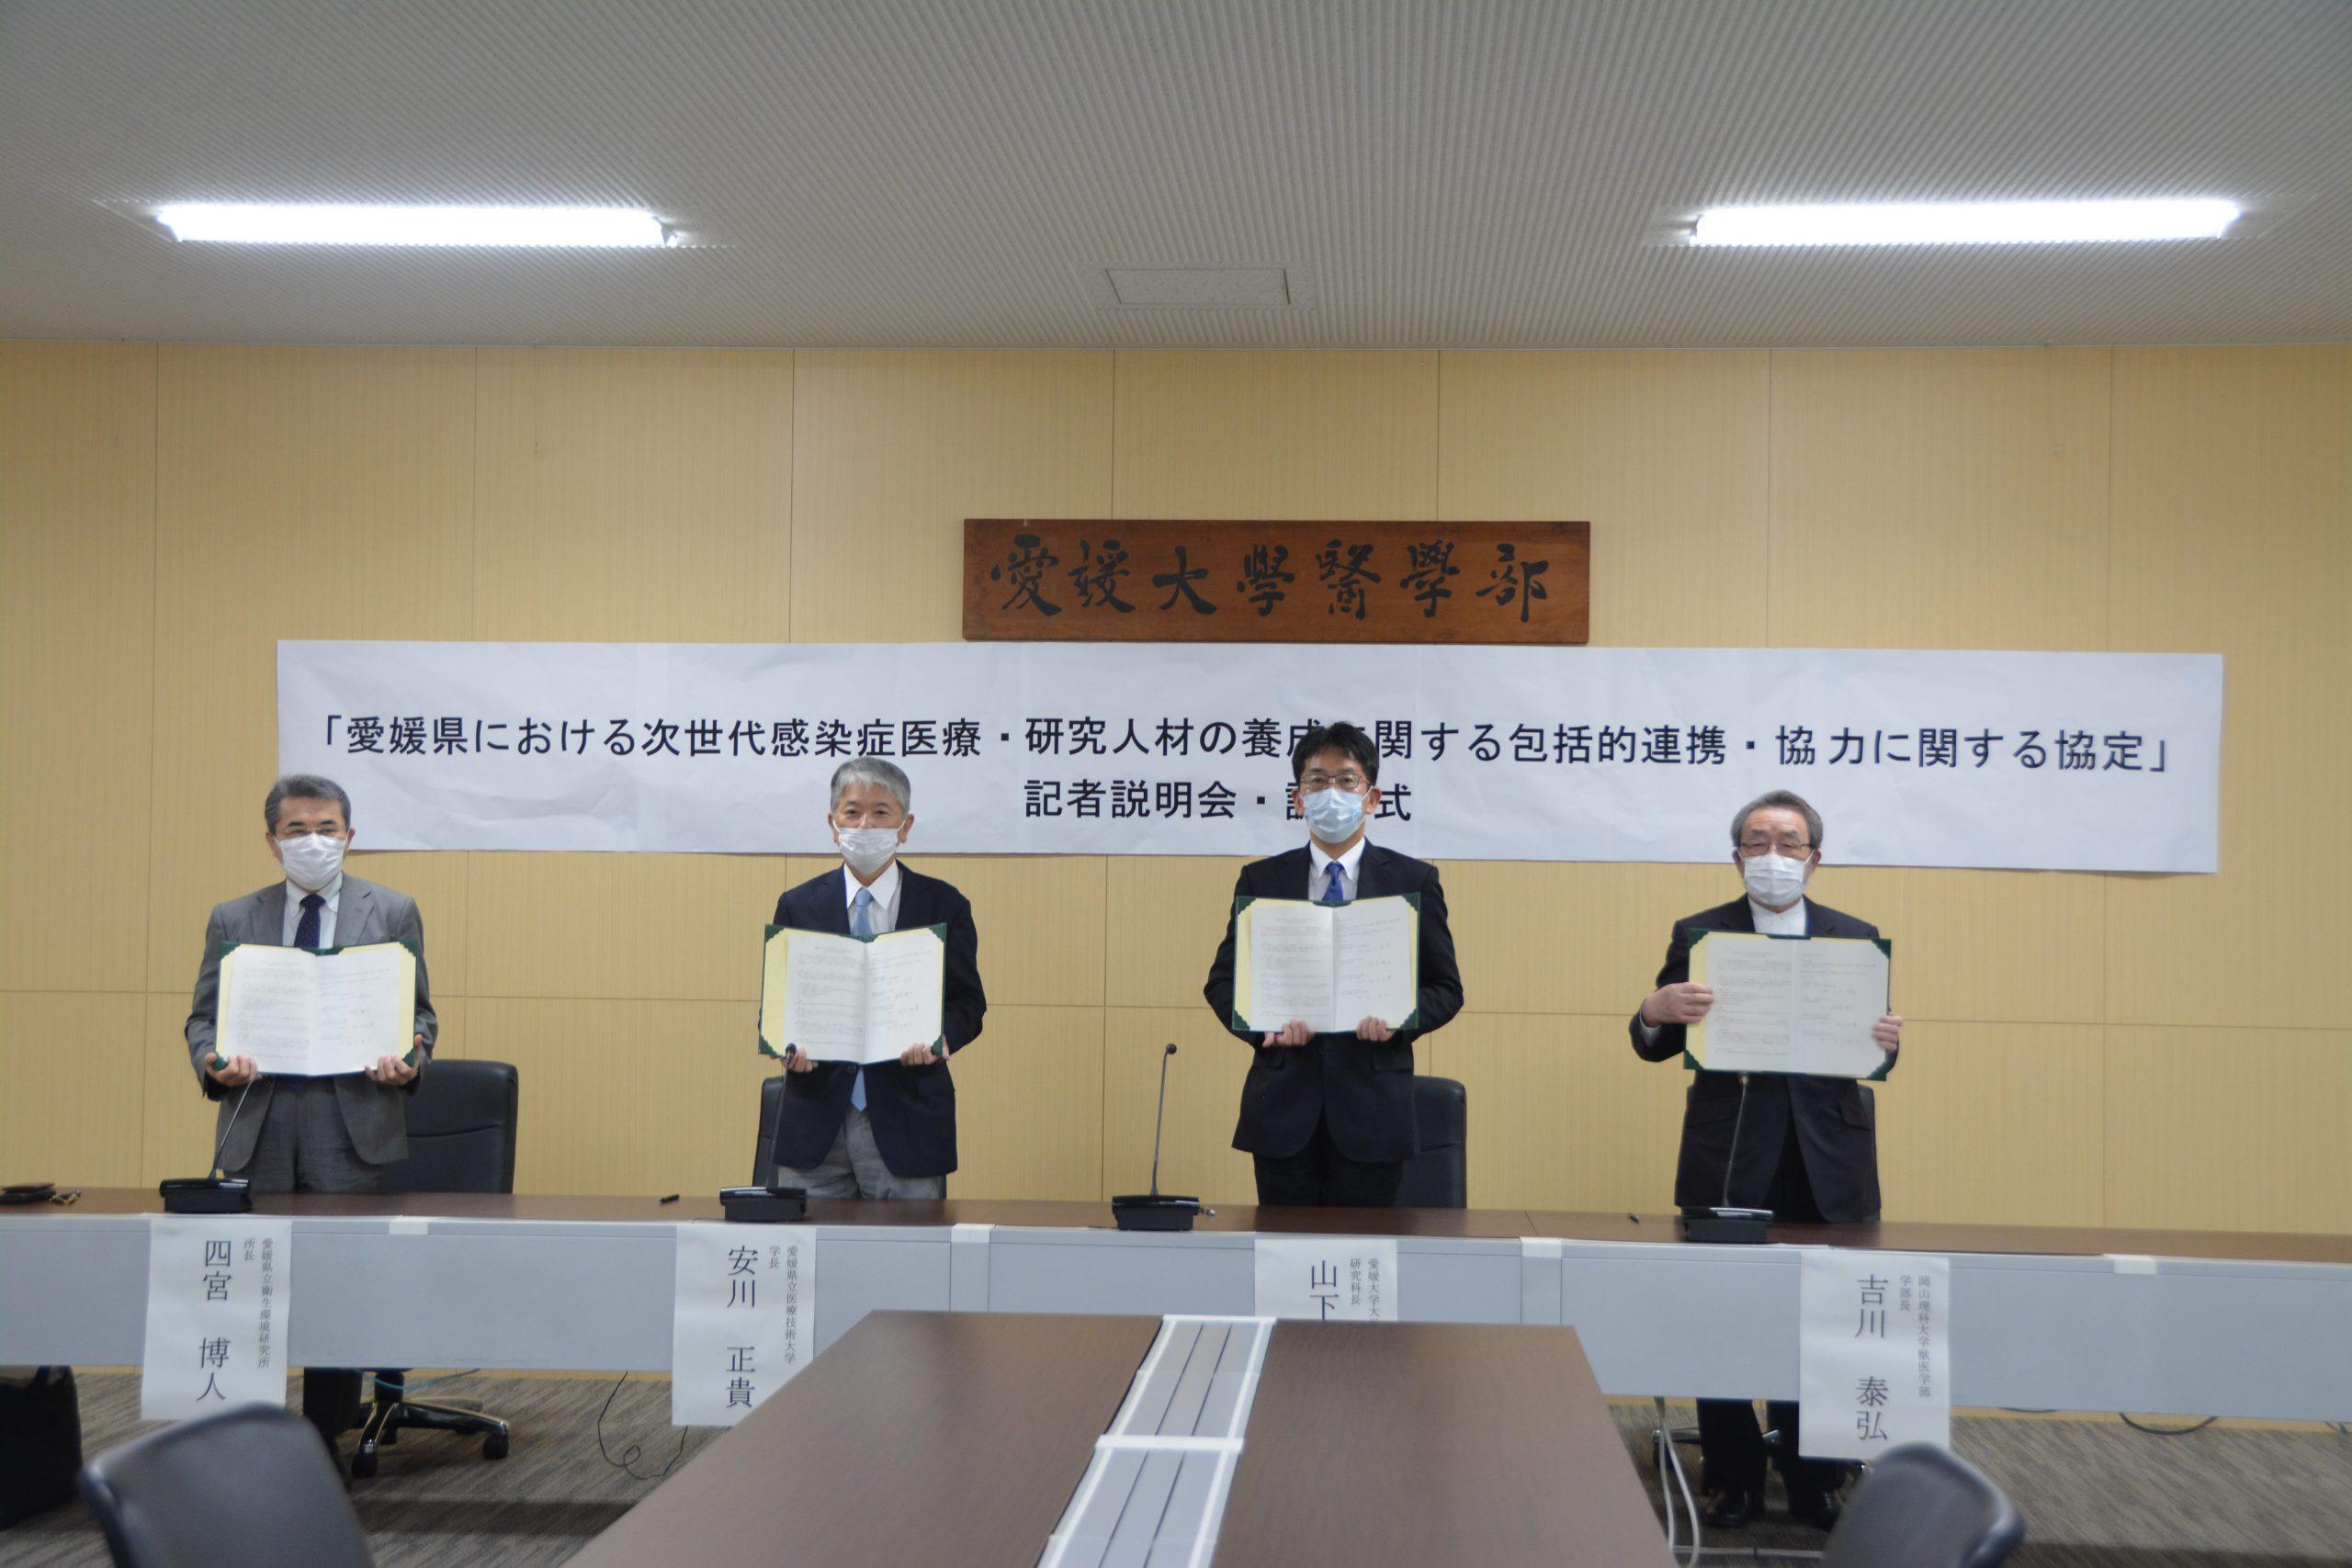 愛媛大学大学院医学系研究科、愛媛県立衛生環境研究所、愛媛県立医療技術大学、岡山理科大学獣医学部が連携協定を締結しました